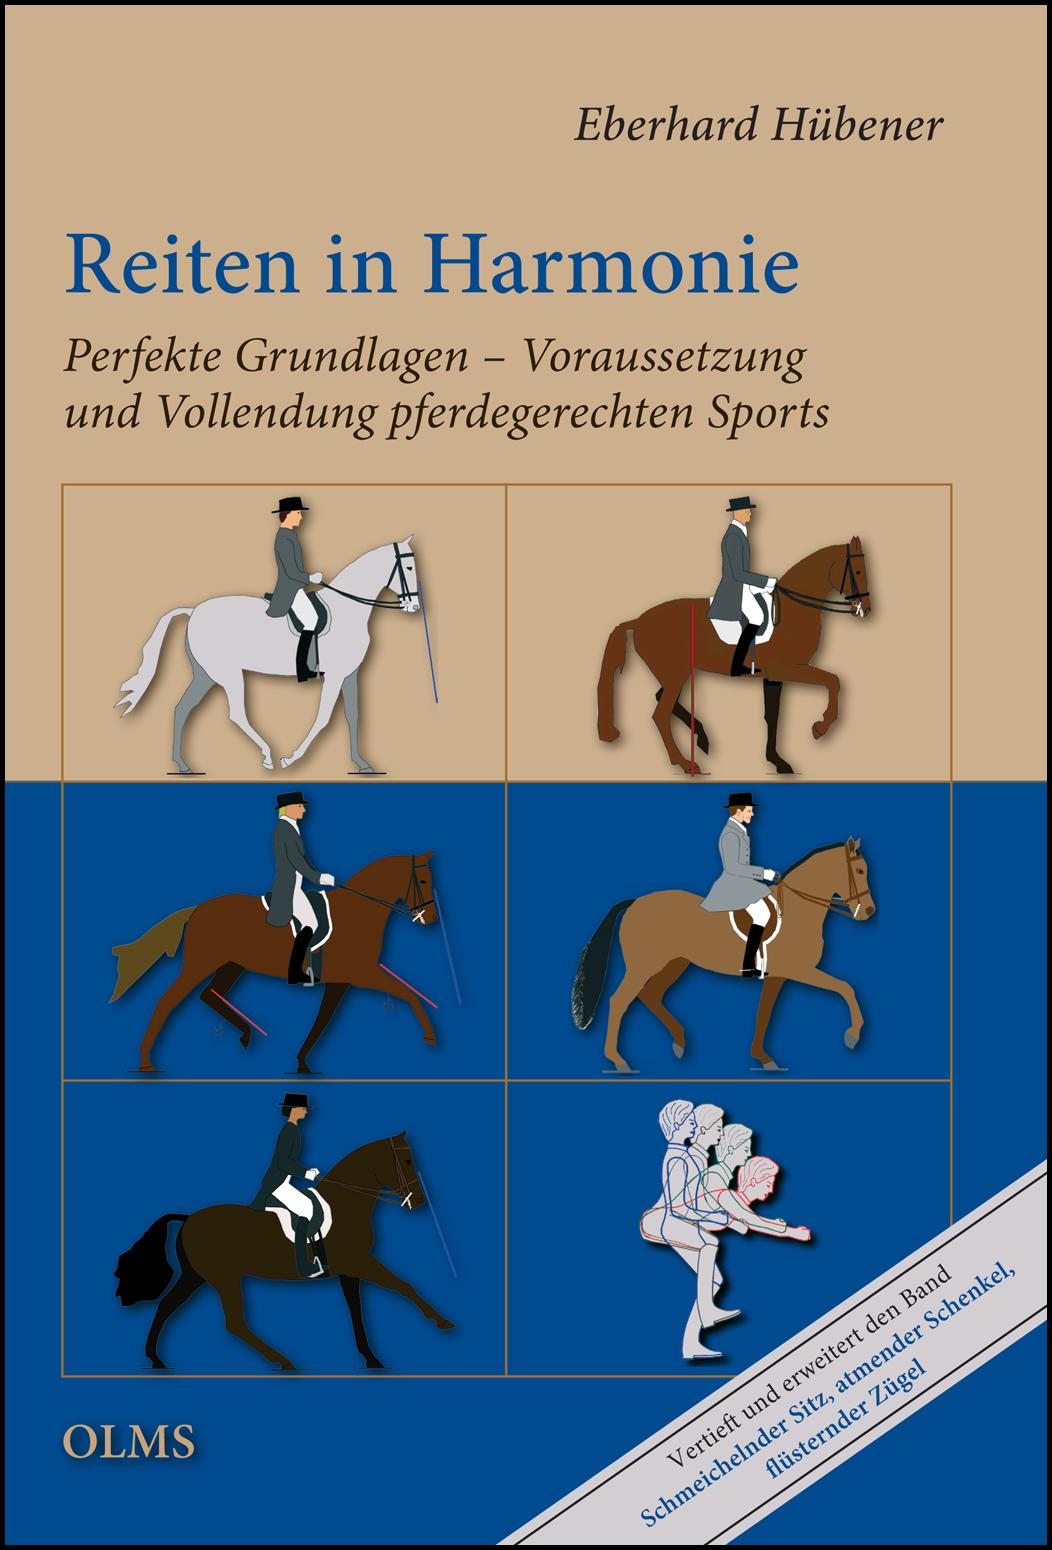 Reiten in Harmonie: Perfekte Grundlagen - Voraussetzung und Vollendung pferdegerechten Sports - Eberhard Hübener